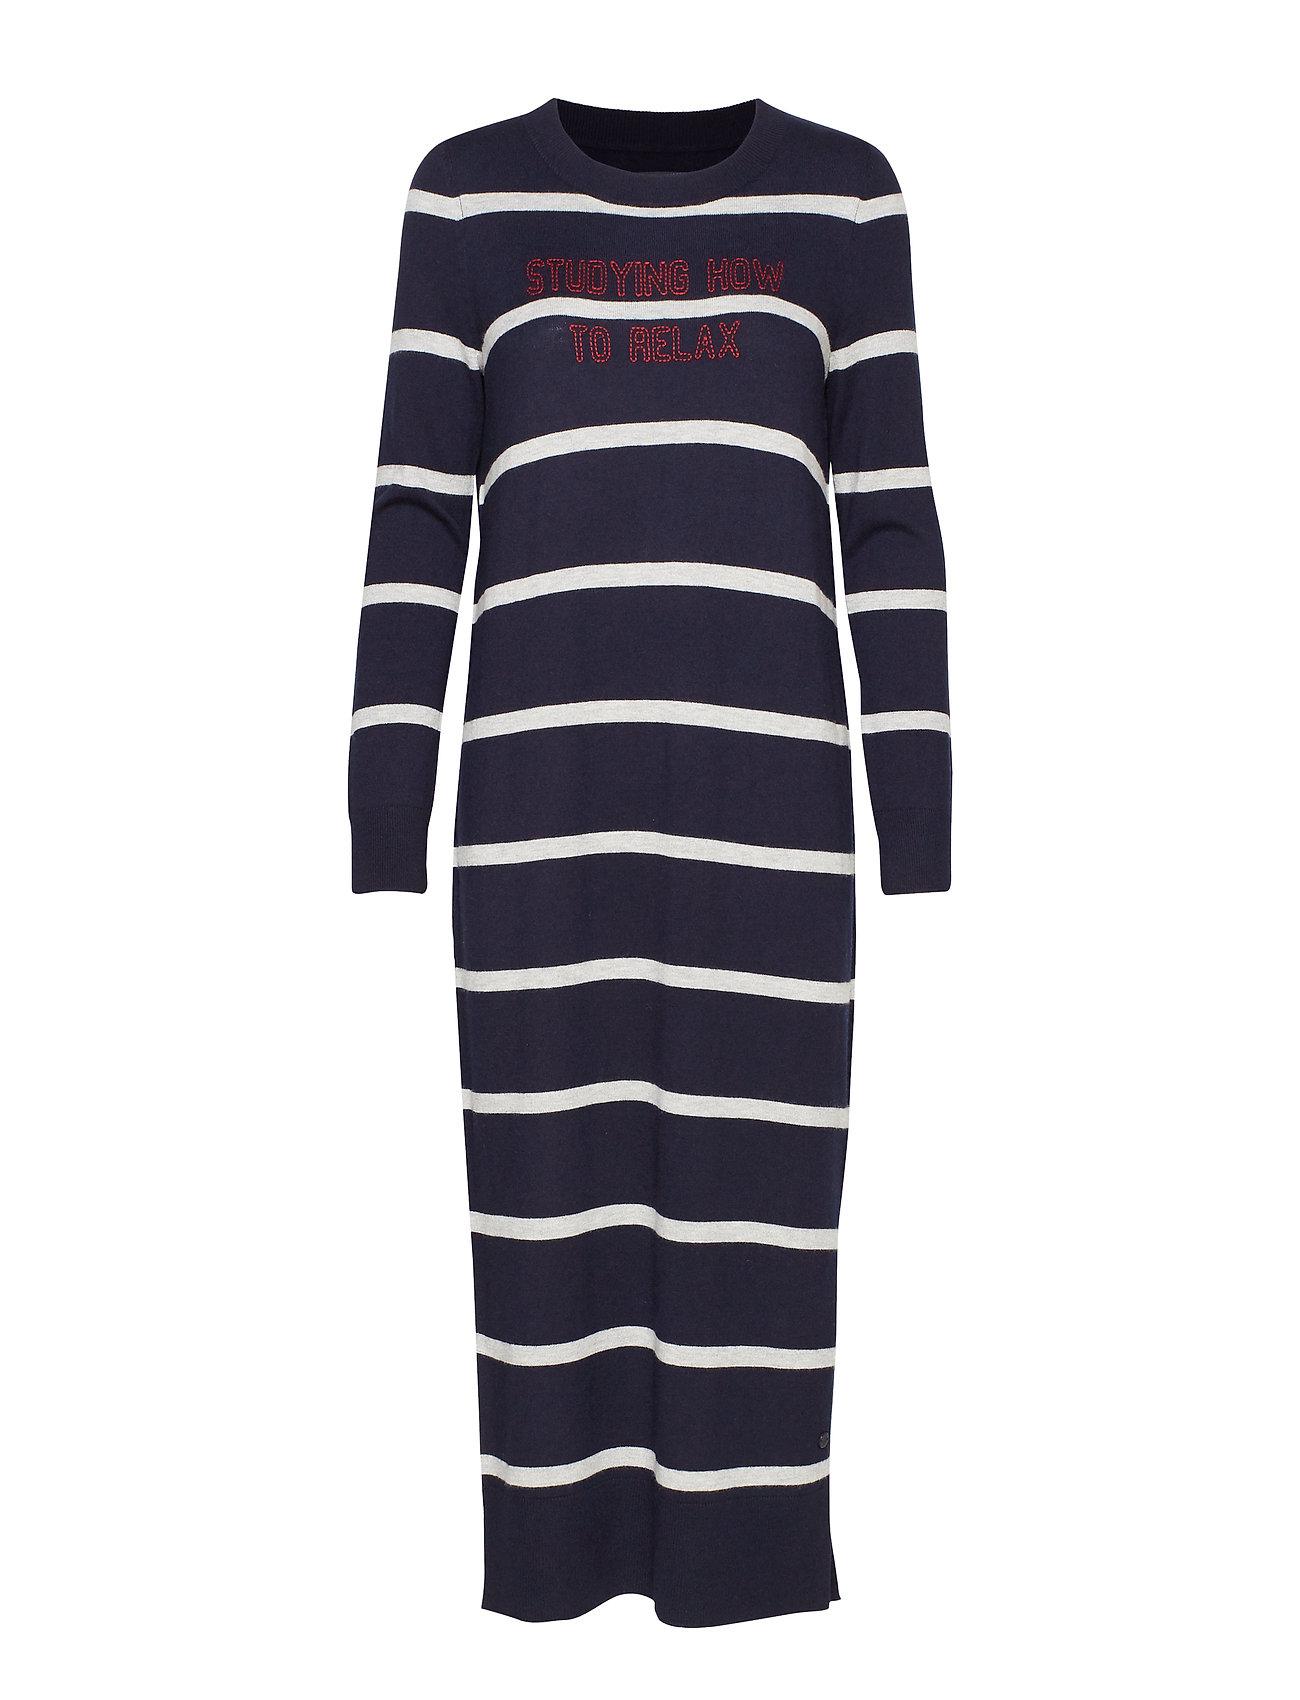 Marc O'Polo Heavy Knit Dress - COMBO